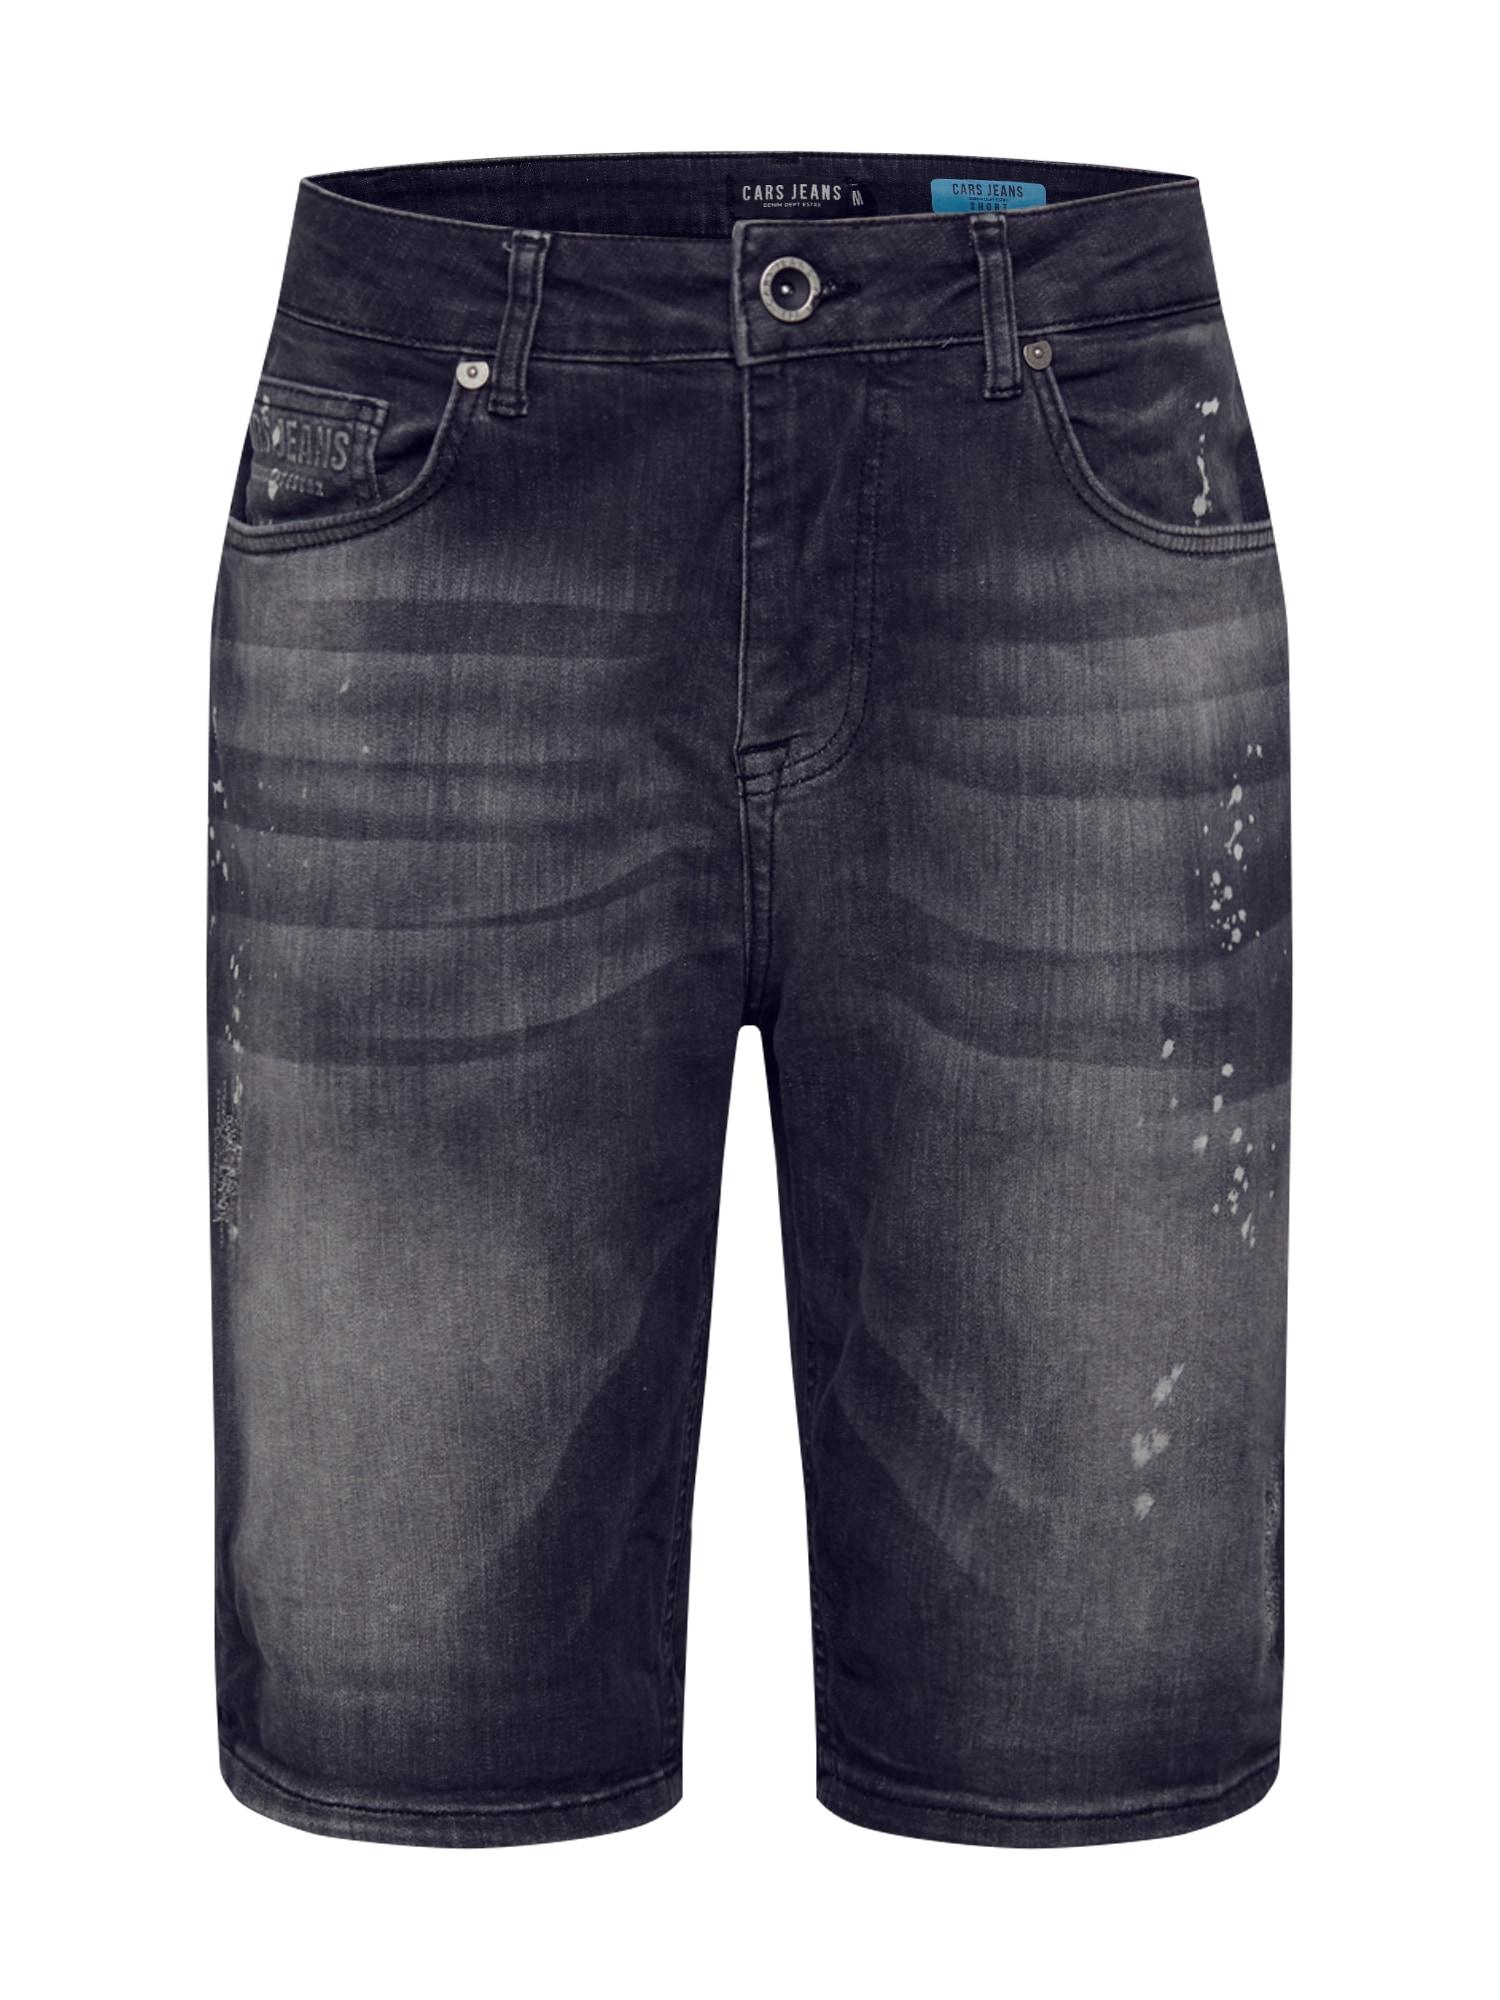 Cars Jeans Džinsai 'BARIS' juodo džinso spalva